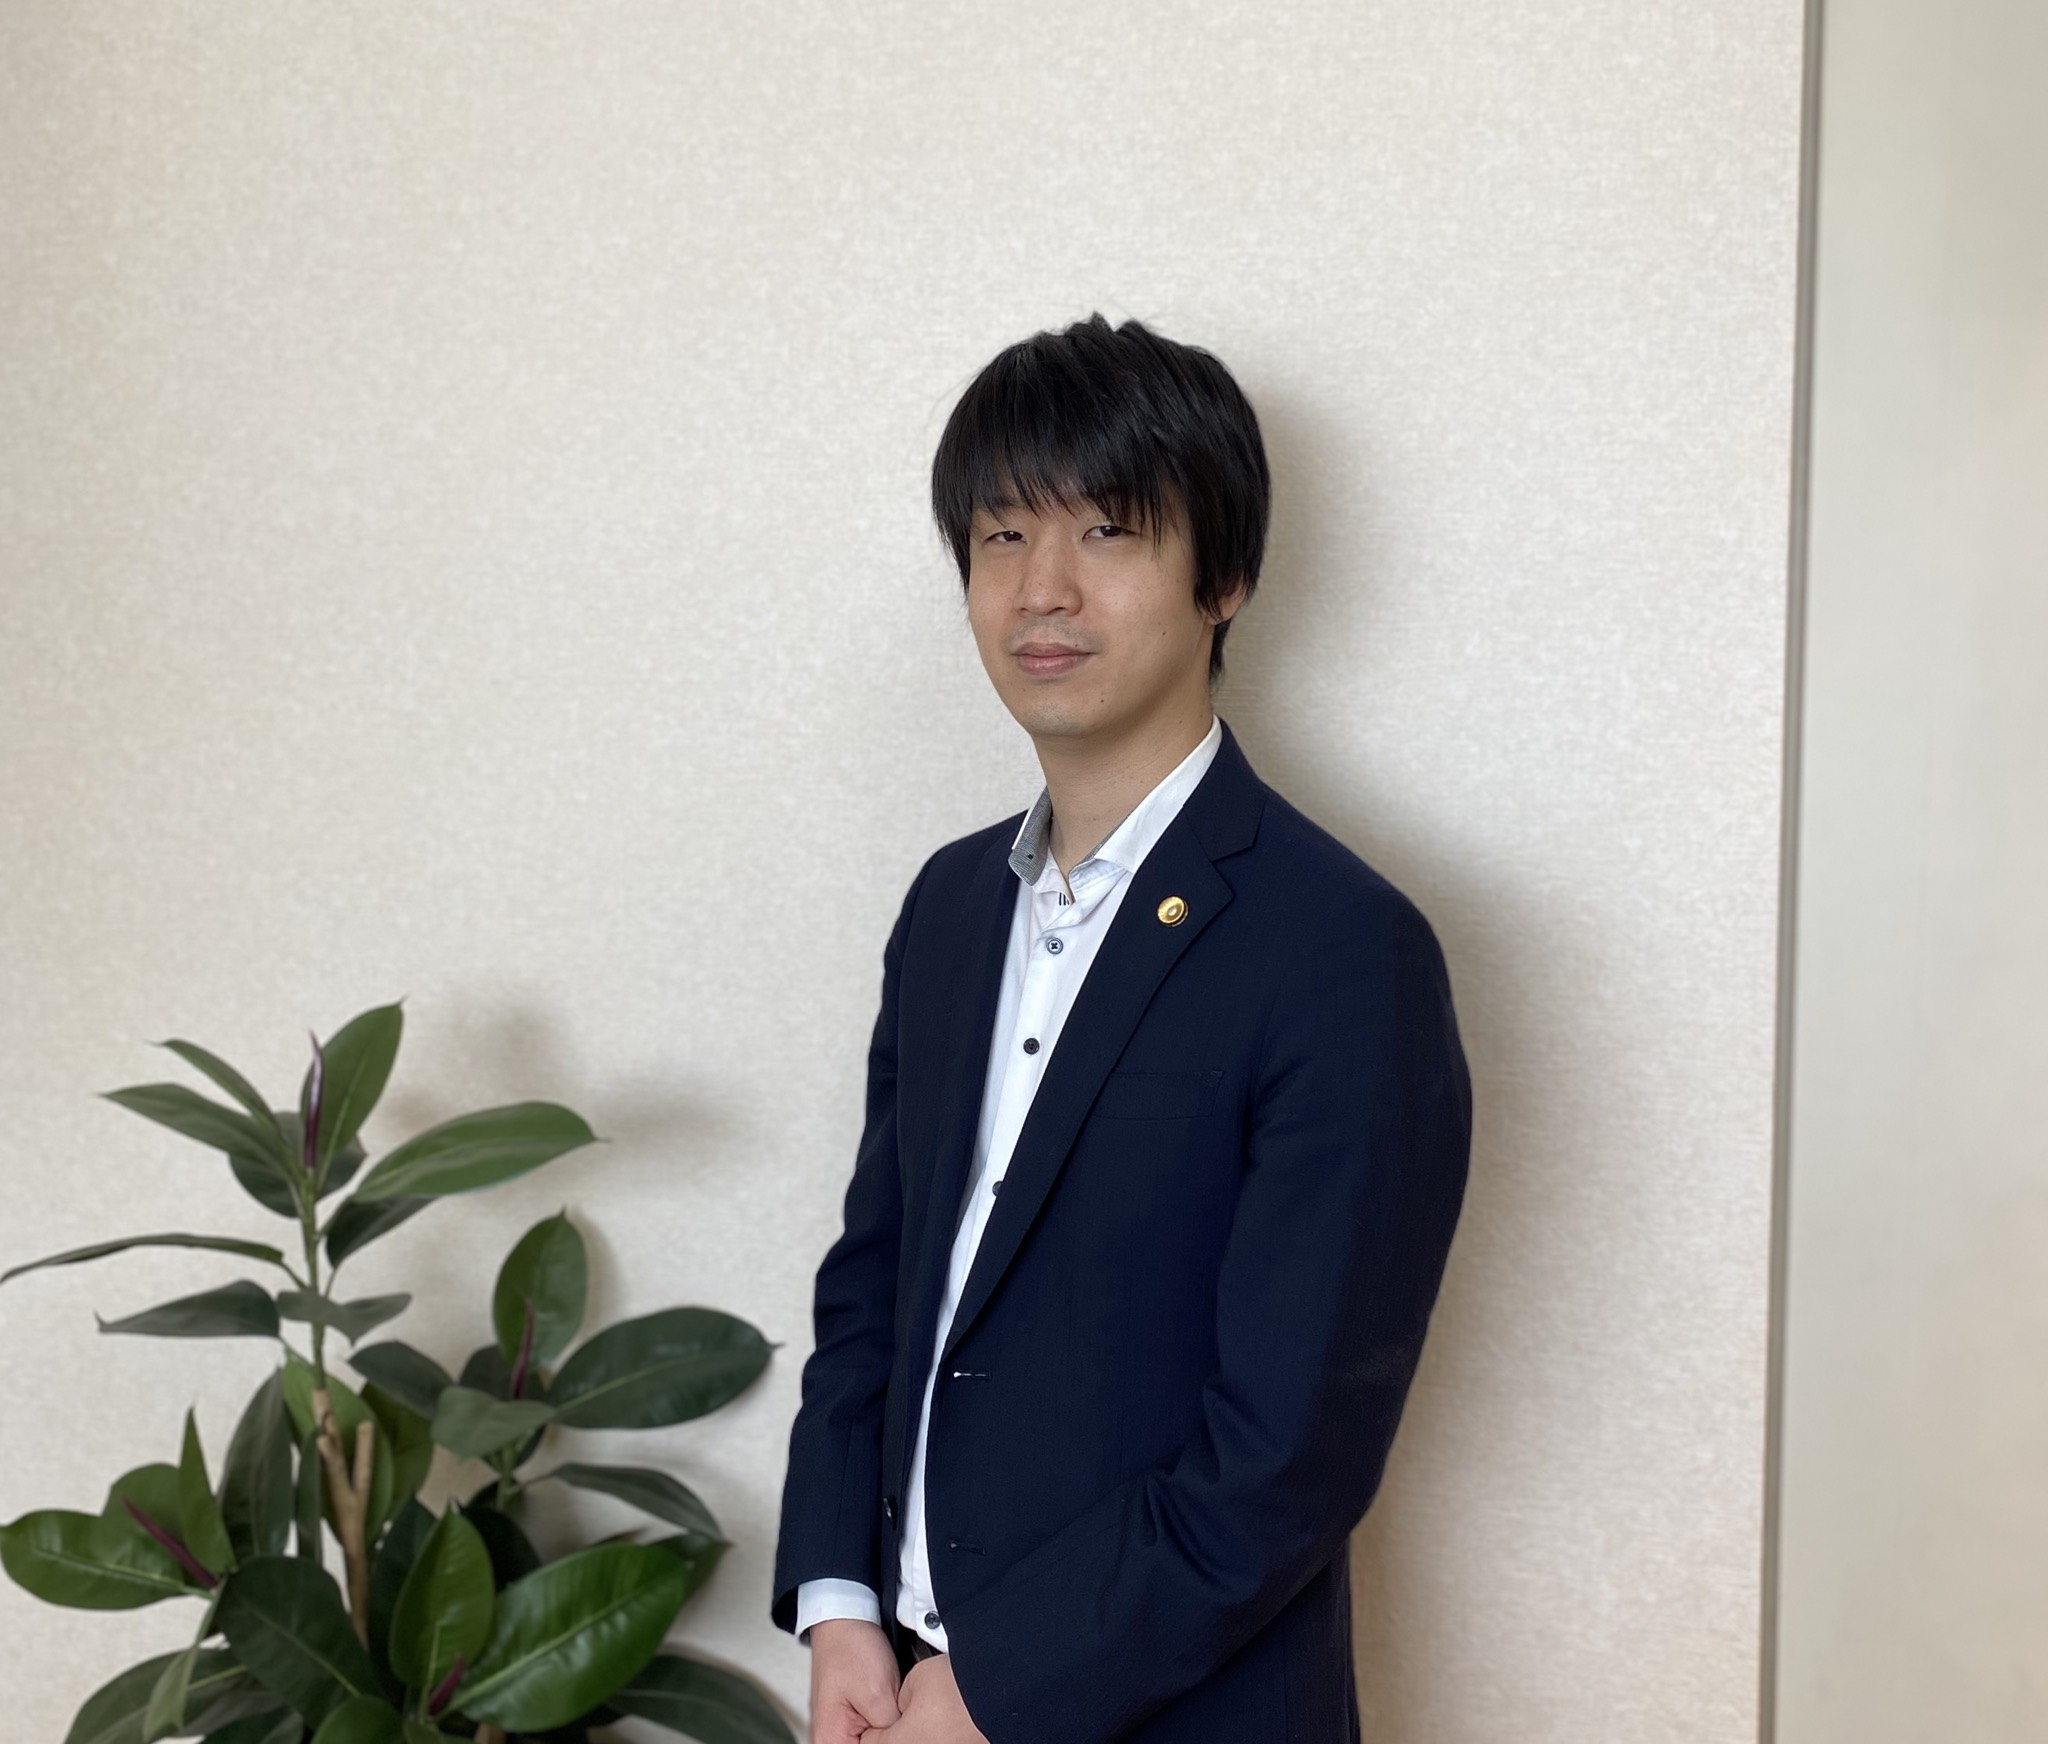 学校には知識を獲得し、対話をする機会が平等に与えられている/弁護士・鬼澤秀昌